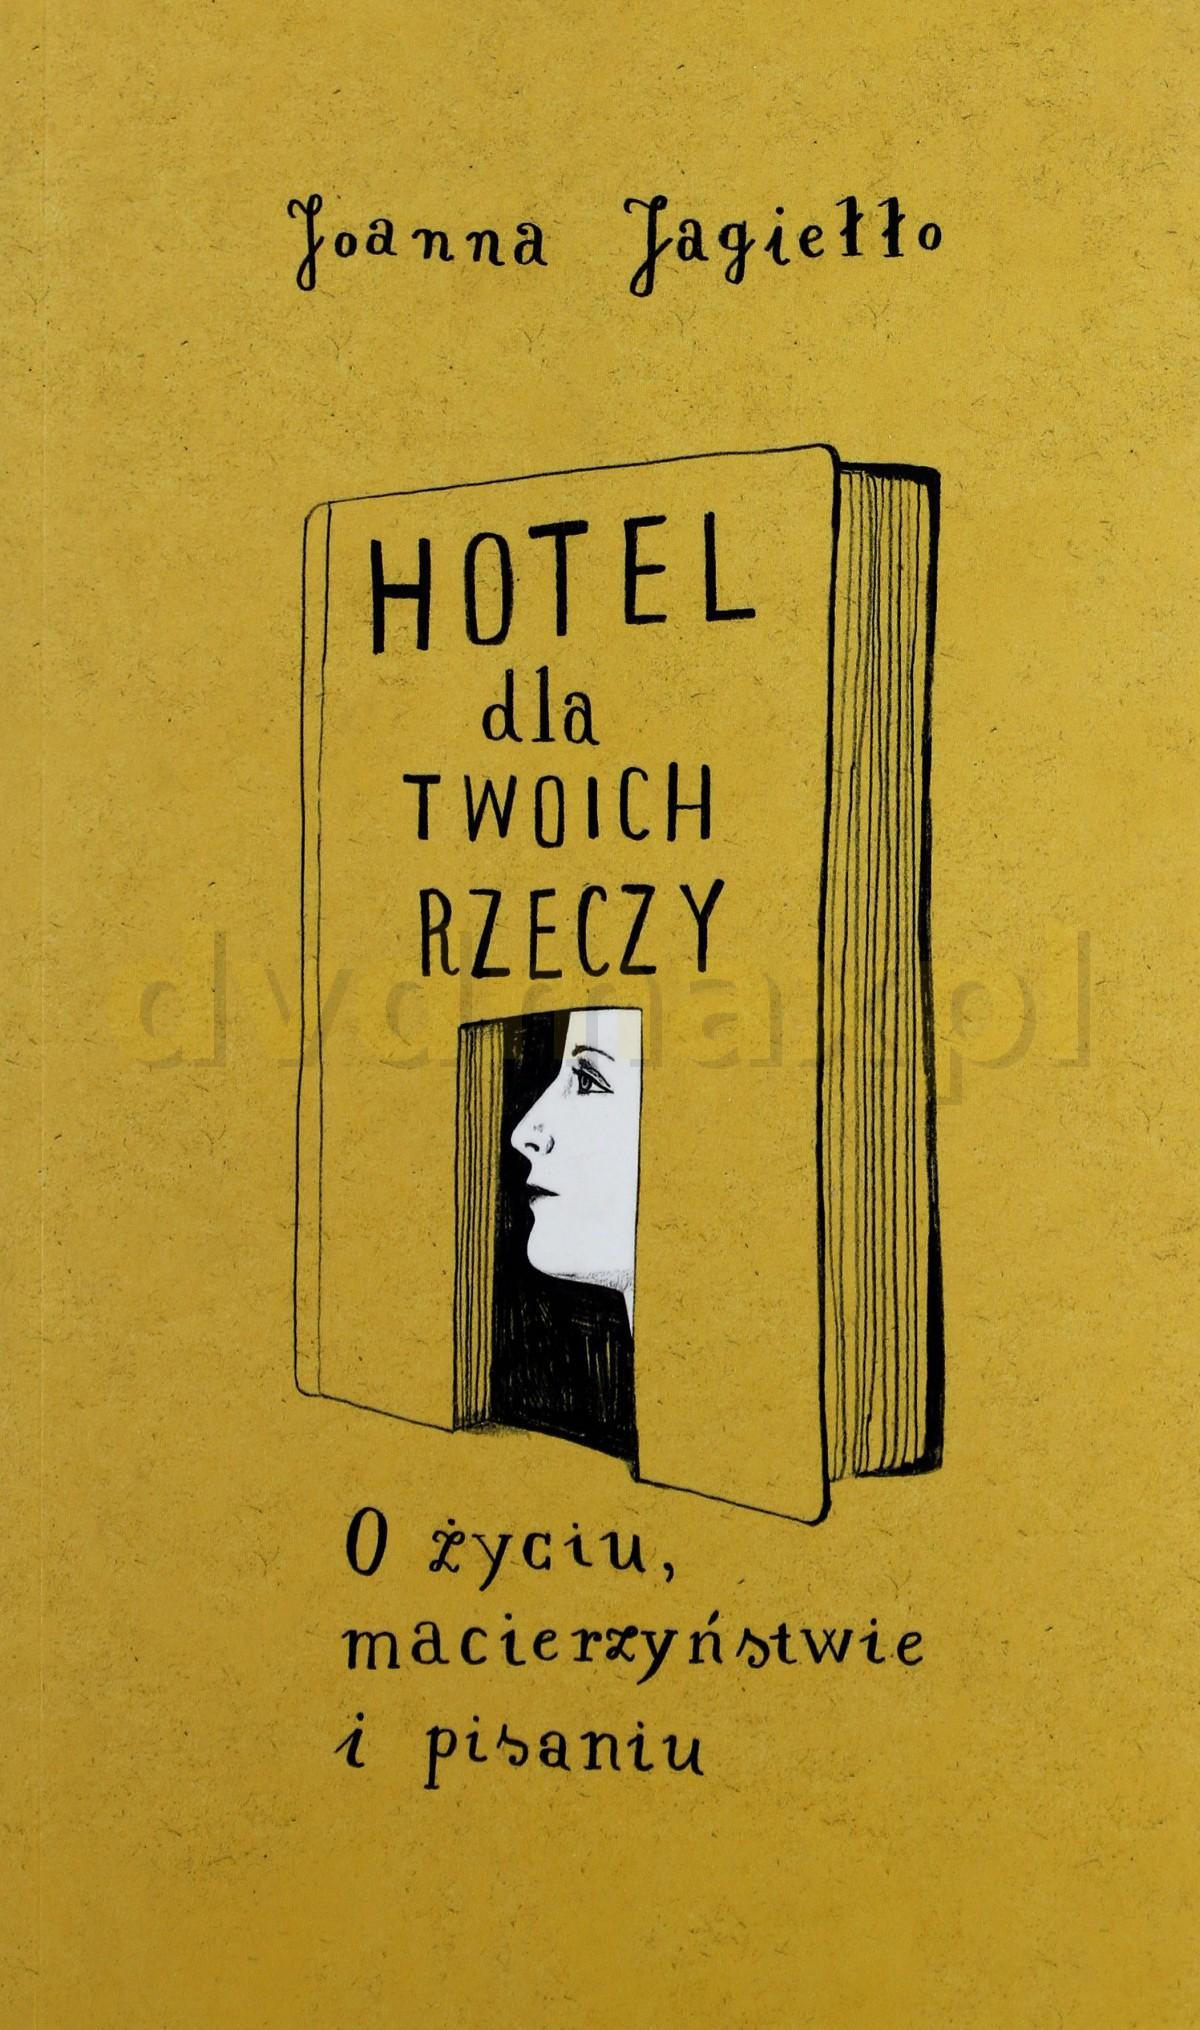 Hotel Dla Twoich Rzeczy O Życiu Macierzyństwie I Pisaniu - Joanna Jagiełło [KSIĄŻKA] - Joanna Jagiełło